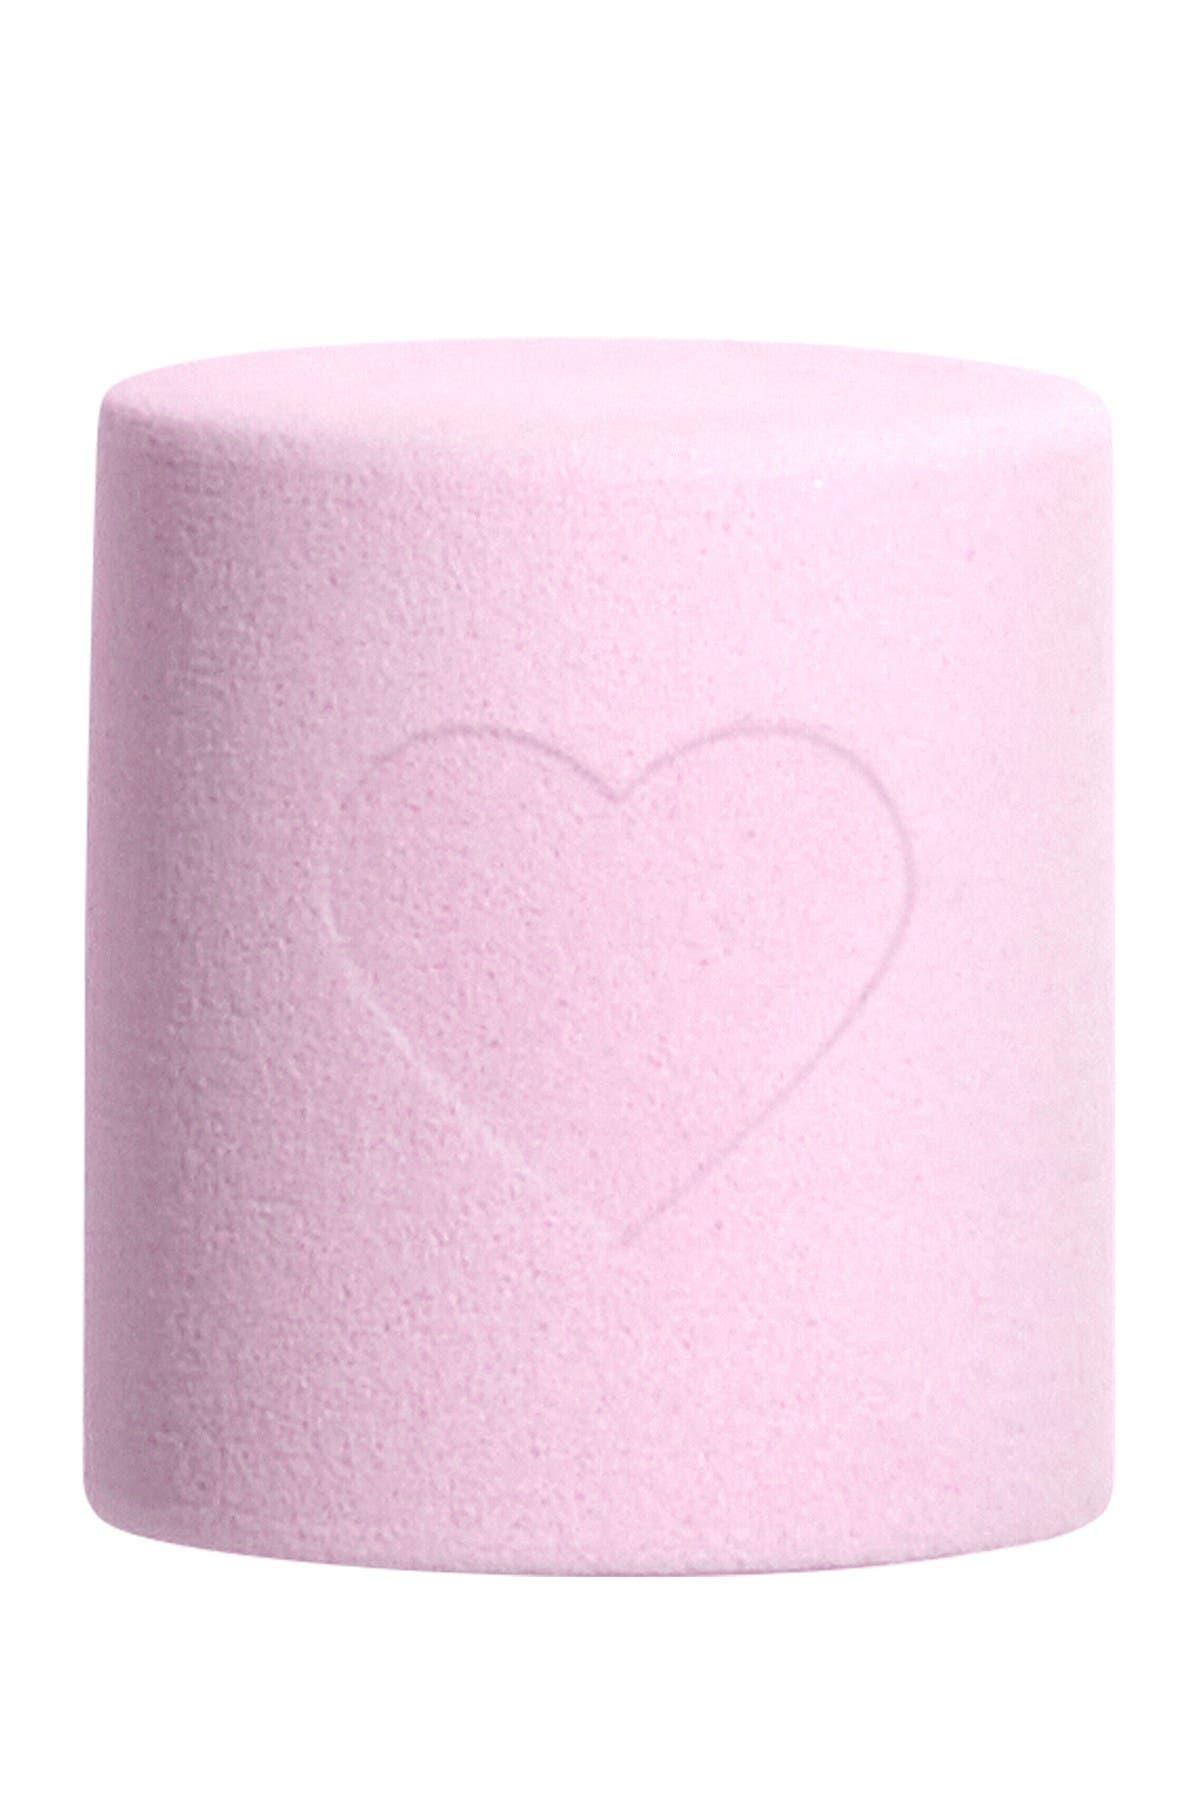 Image of NYX COSMETICS Marshmellow Beauty Blender Smoothing Sponge